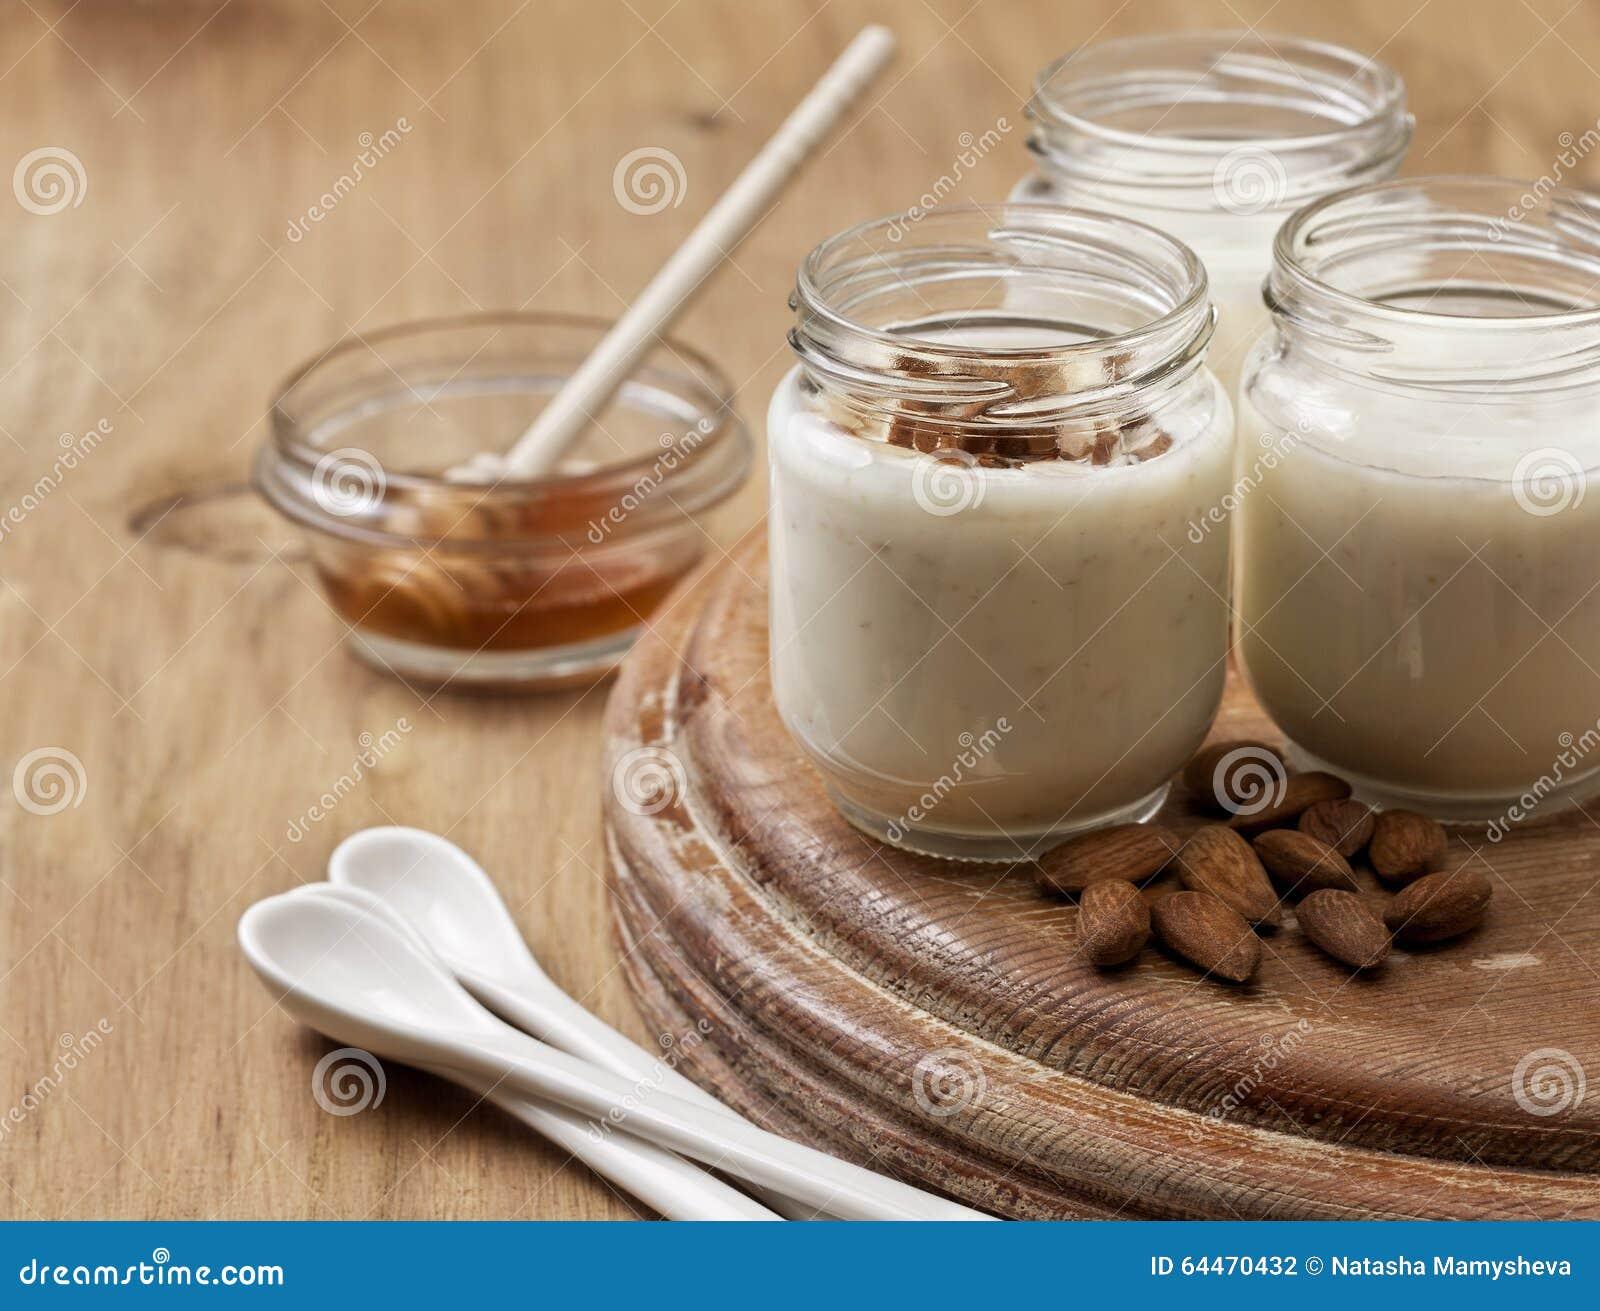 yaourt maison avec lait d amande ventana blog. Black Bedroom Furniture Sets. Home Design Ideas